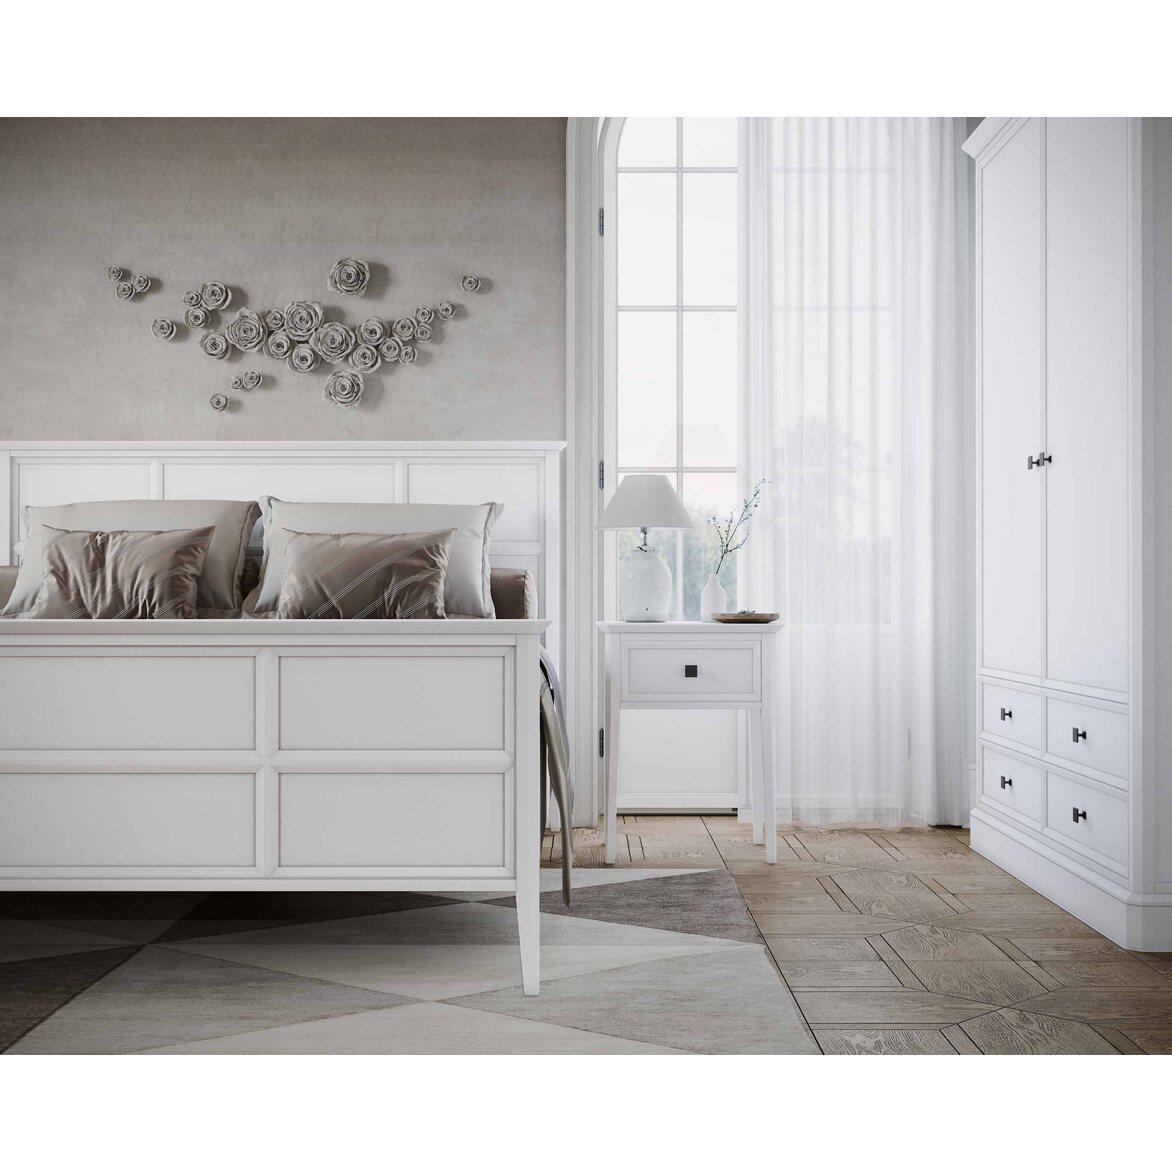 Кровать 160*200 Ellington, белая 6 | Двуспальные кровати Kingsby